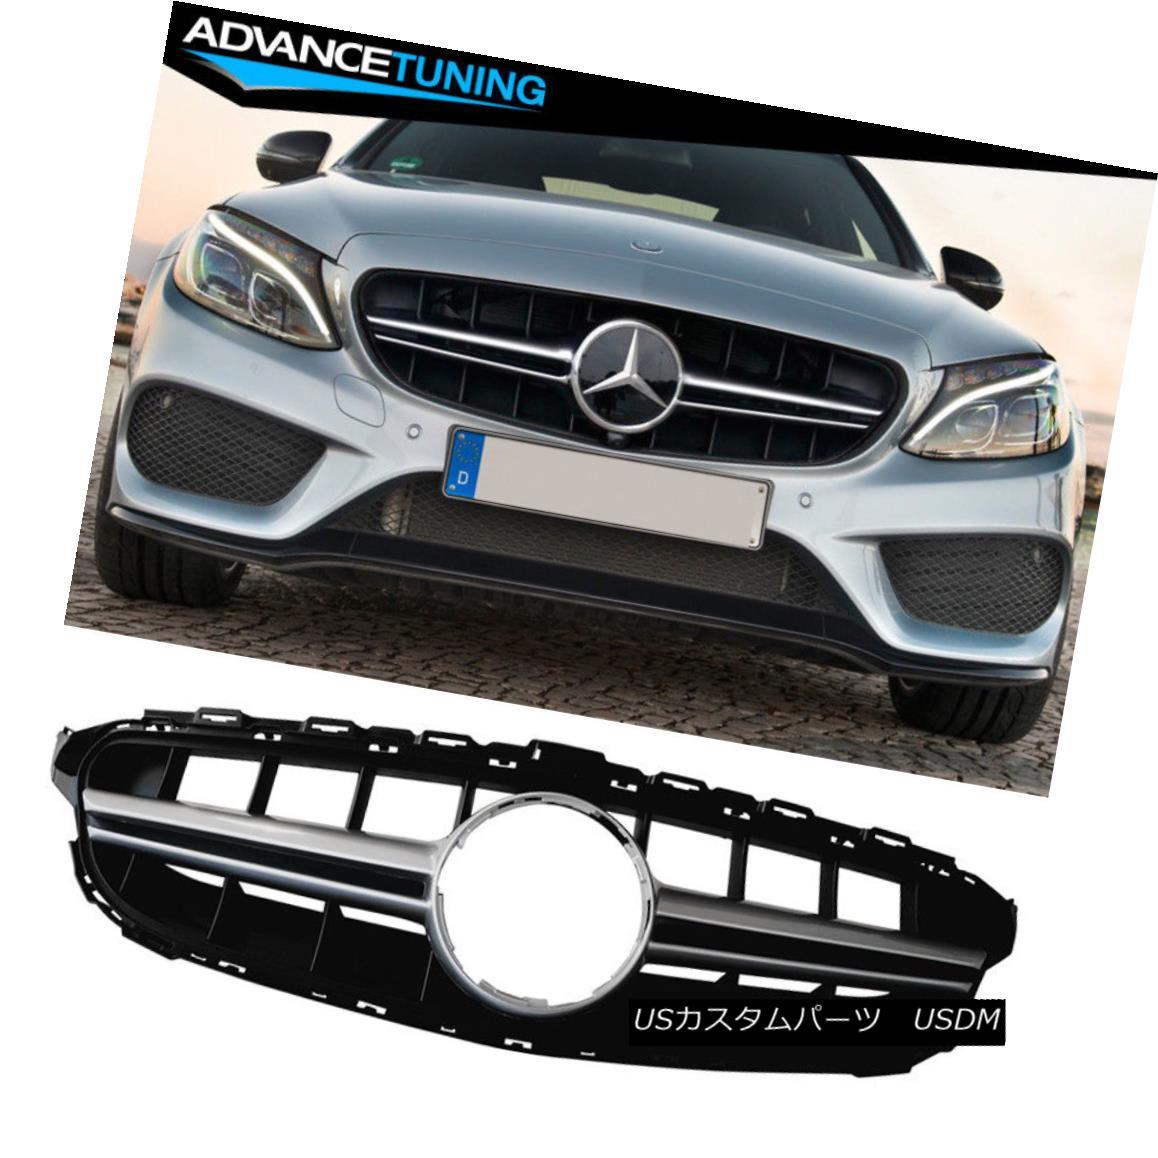 グリル Fits 15-18 Mercedes C Class W205 E63S Vertical AMG Style Silver Grille Grill フィット15-18メルセデスCクラスW205 E63S縦型AMGスタイルシルバーグリルグリル